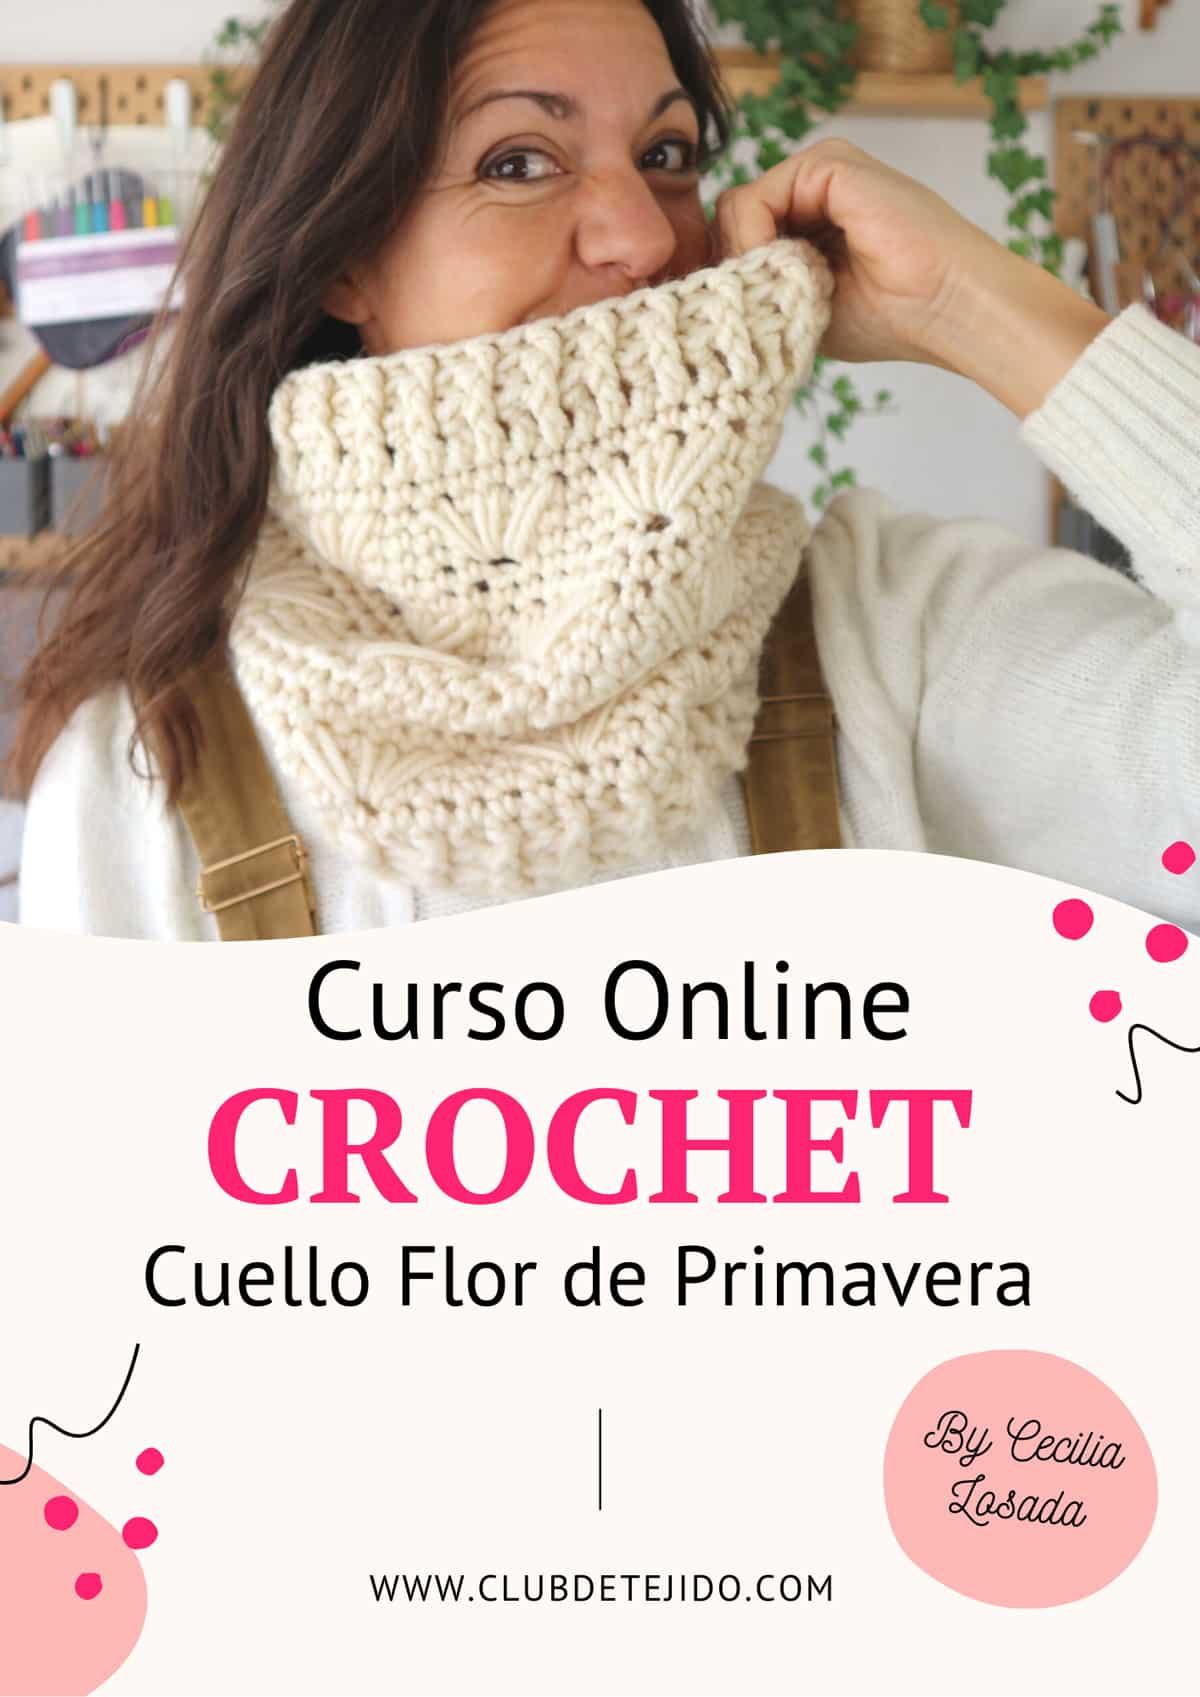 Curso de Crochet Online gratis Cuello Flor de Primavera en Club de Tejido